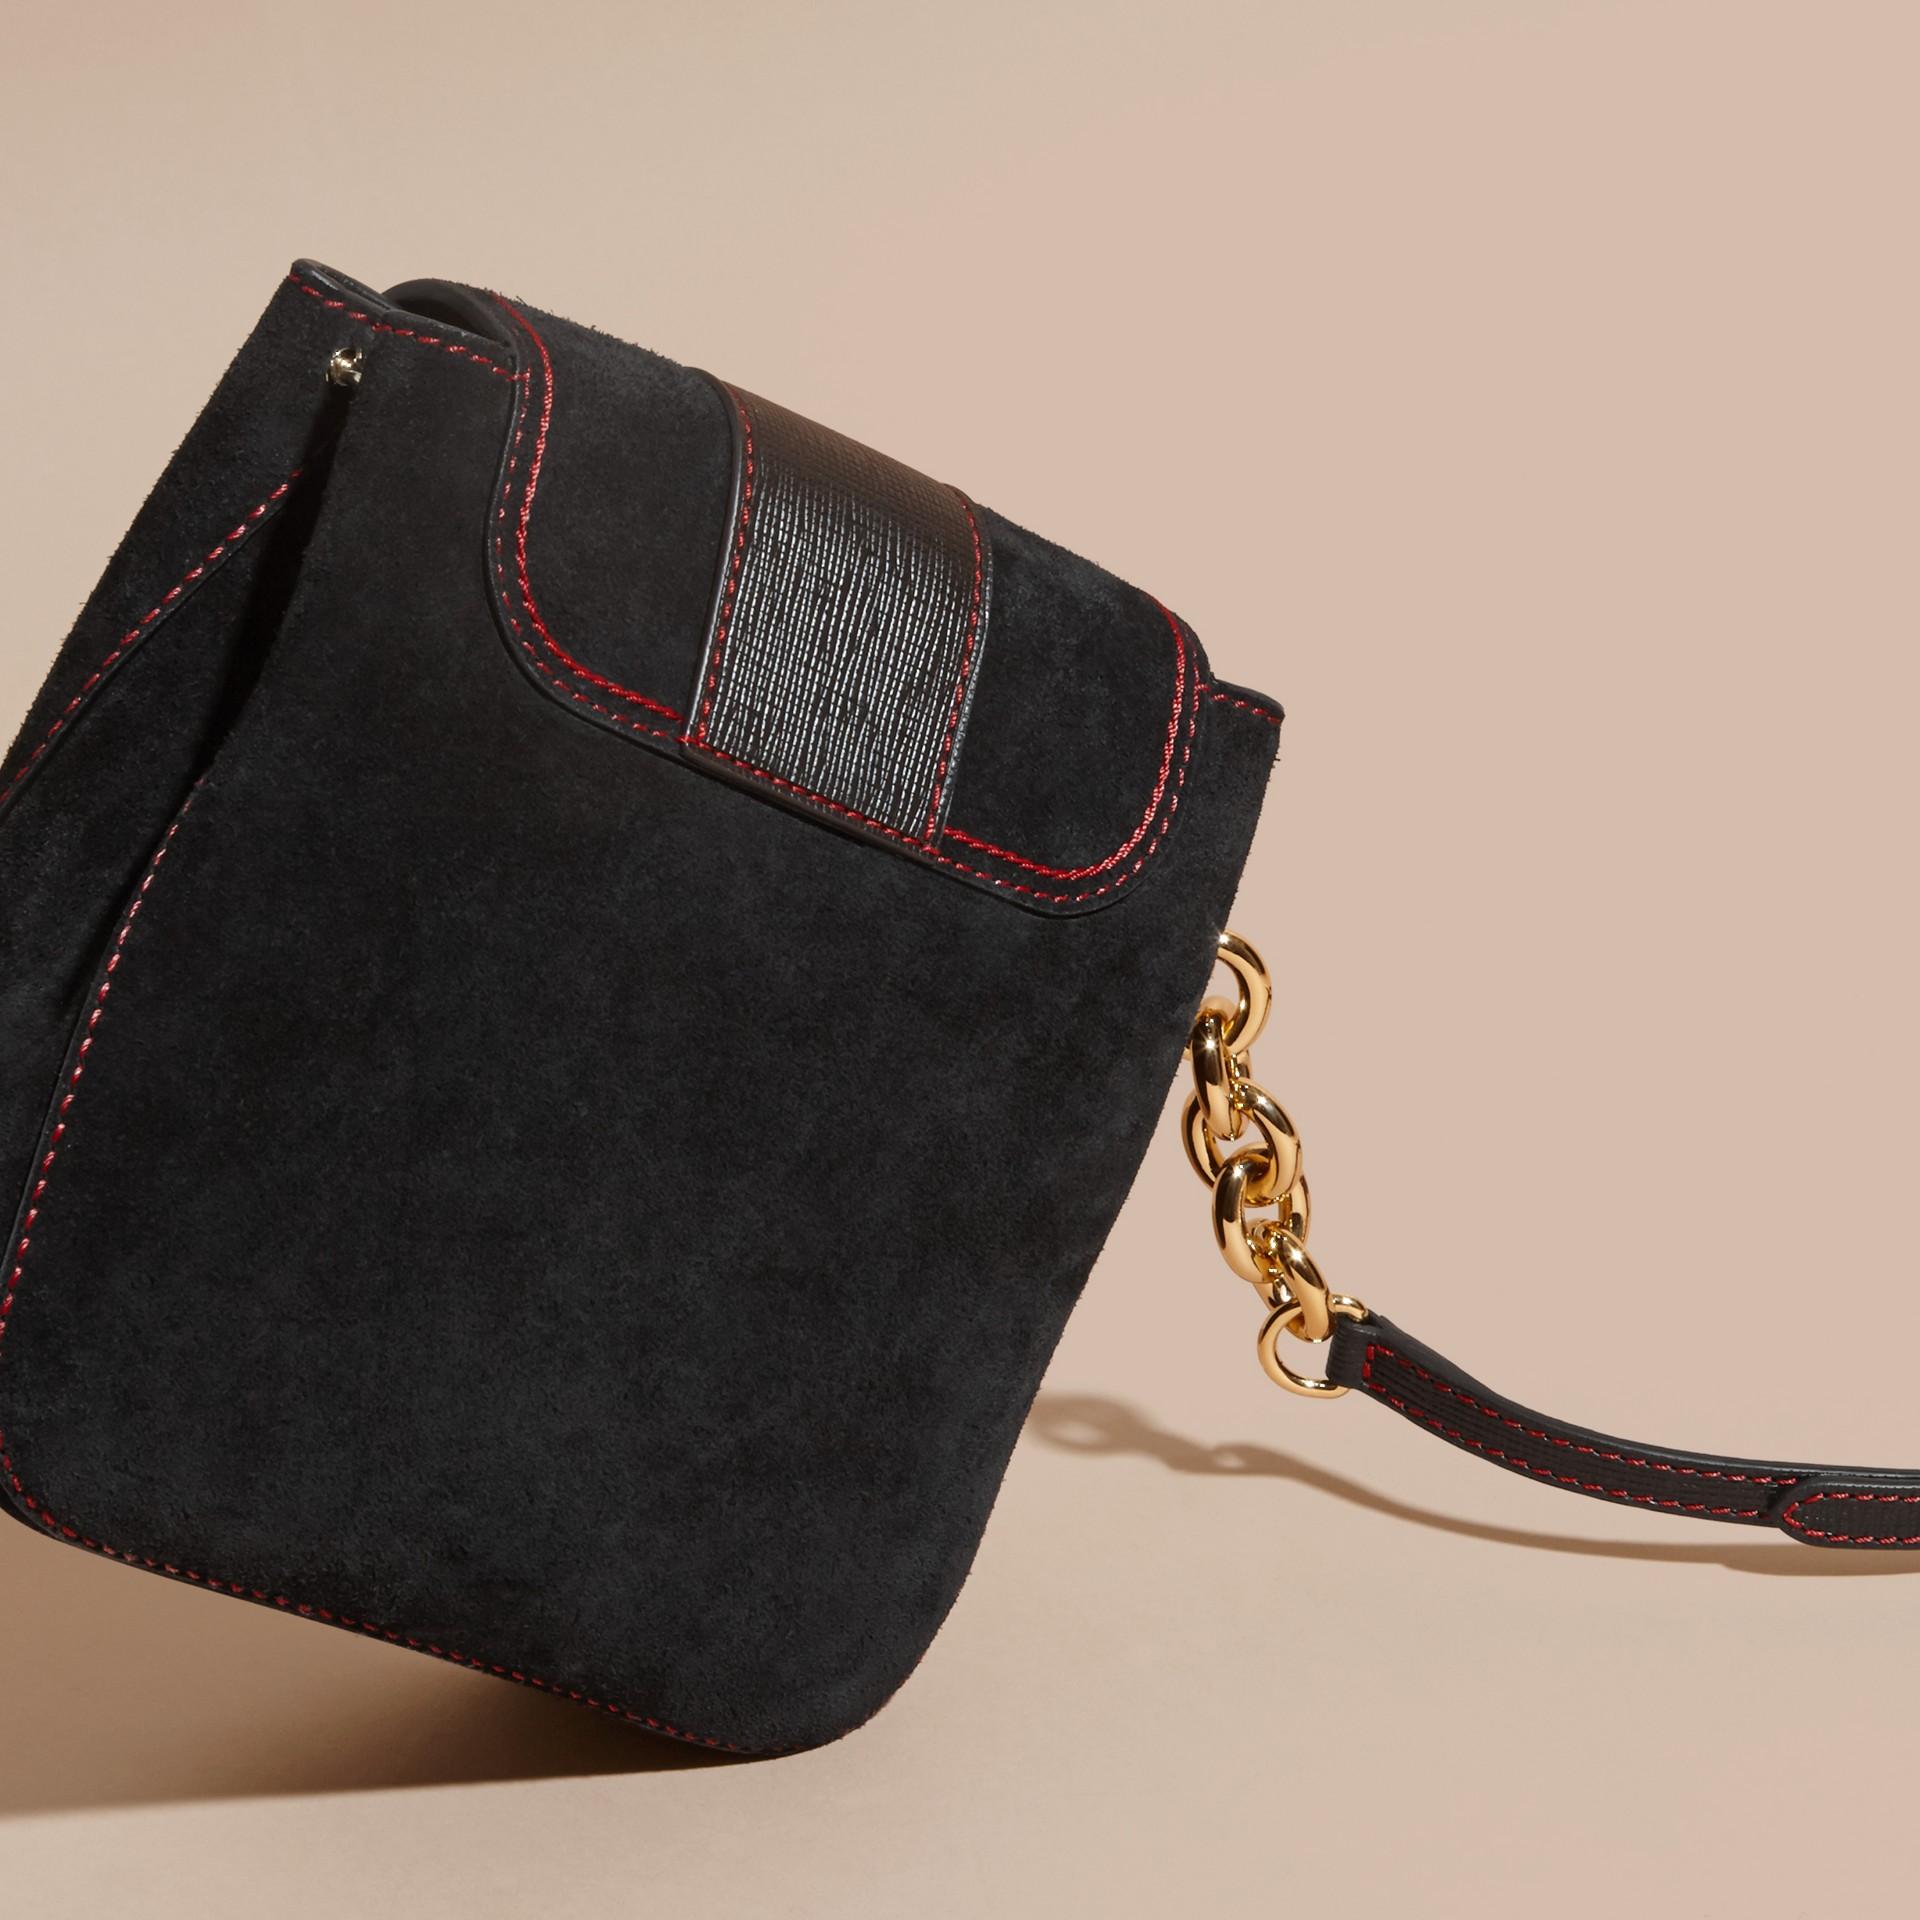 Noir Sac The Buckle medium carré en cuir velours anglais et cuir - photo de la galerie 4